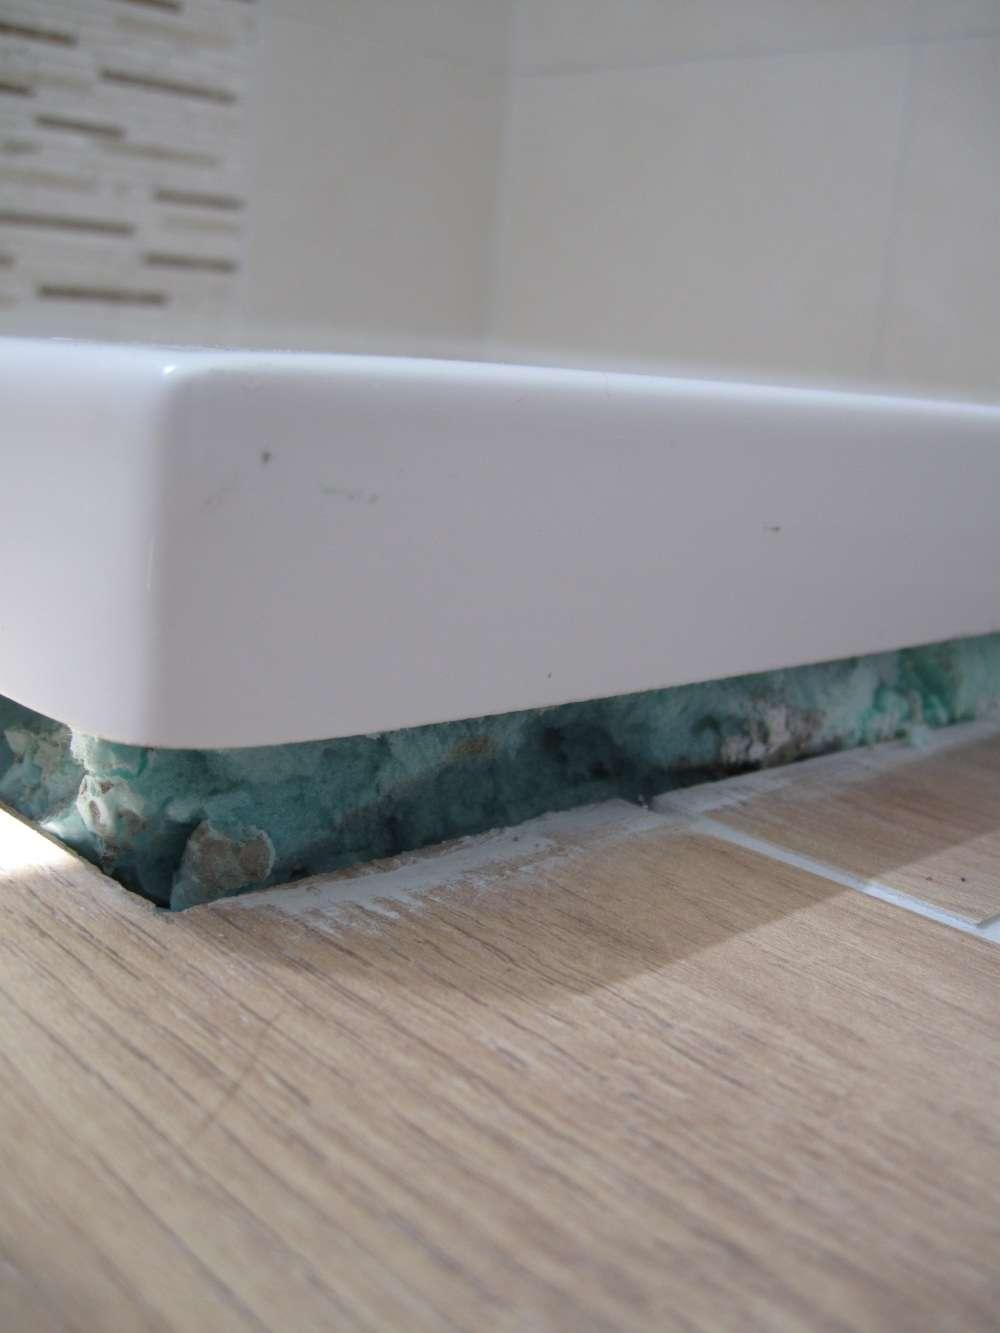 dusche ausreichend dicht und stabil bauforum auf. Black Bedroom Furniture Sets. Home Design Ideas